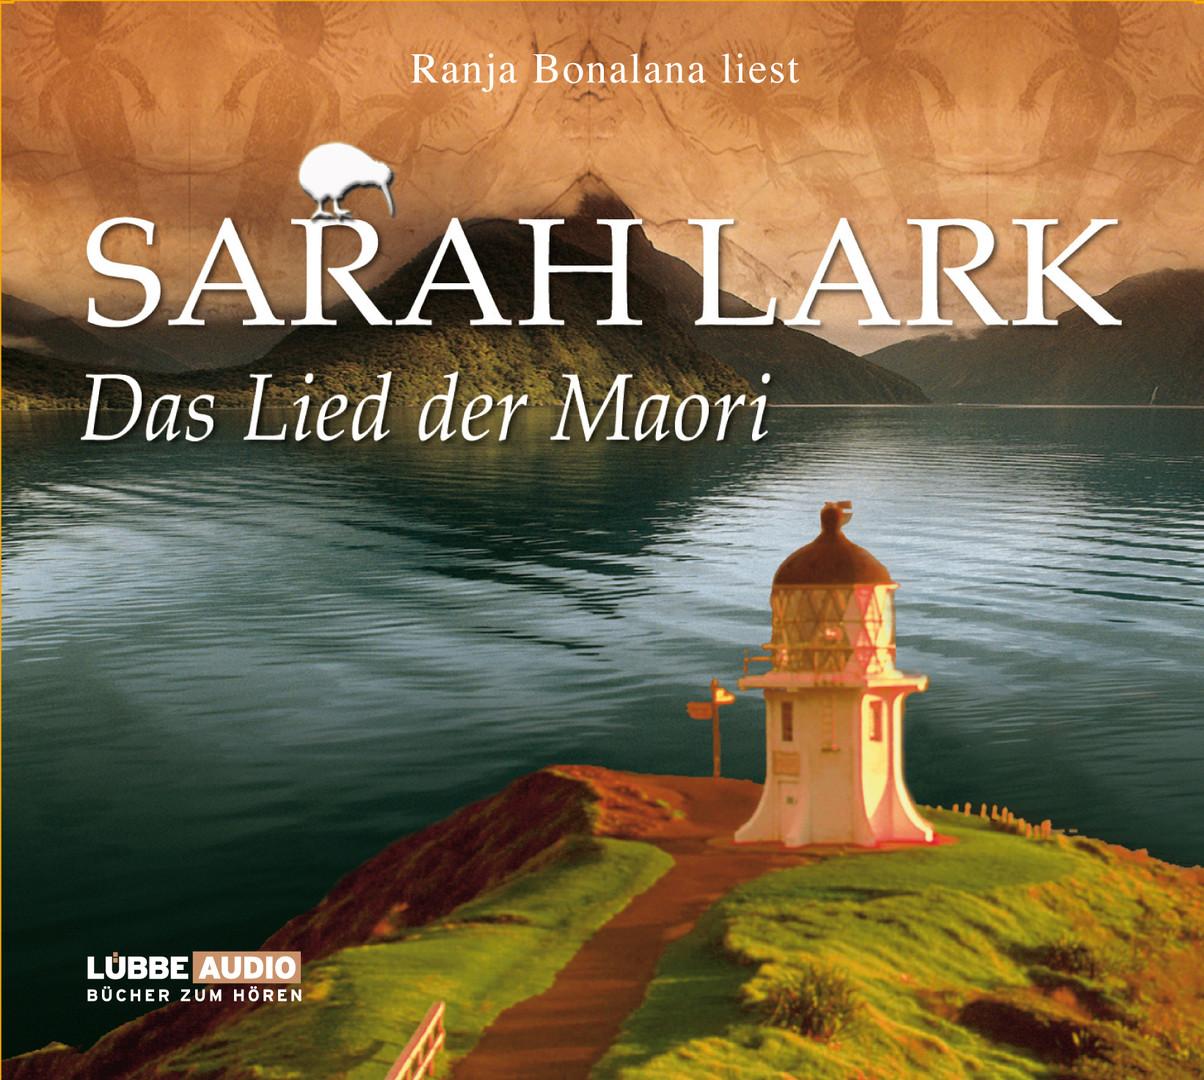 Sarah Lark - Das Lied der Maori